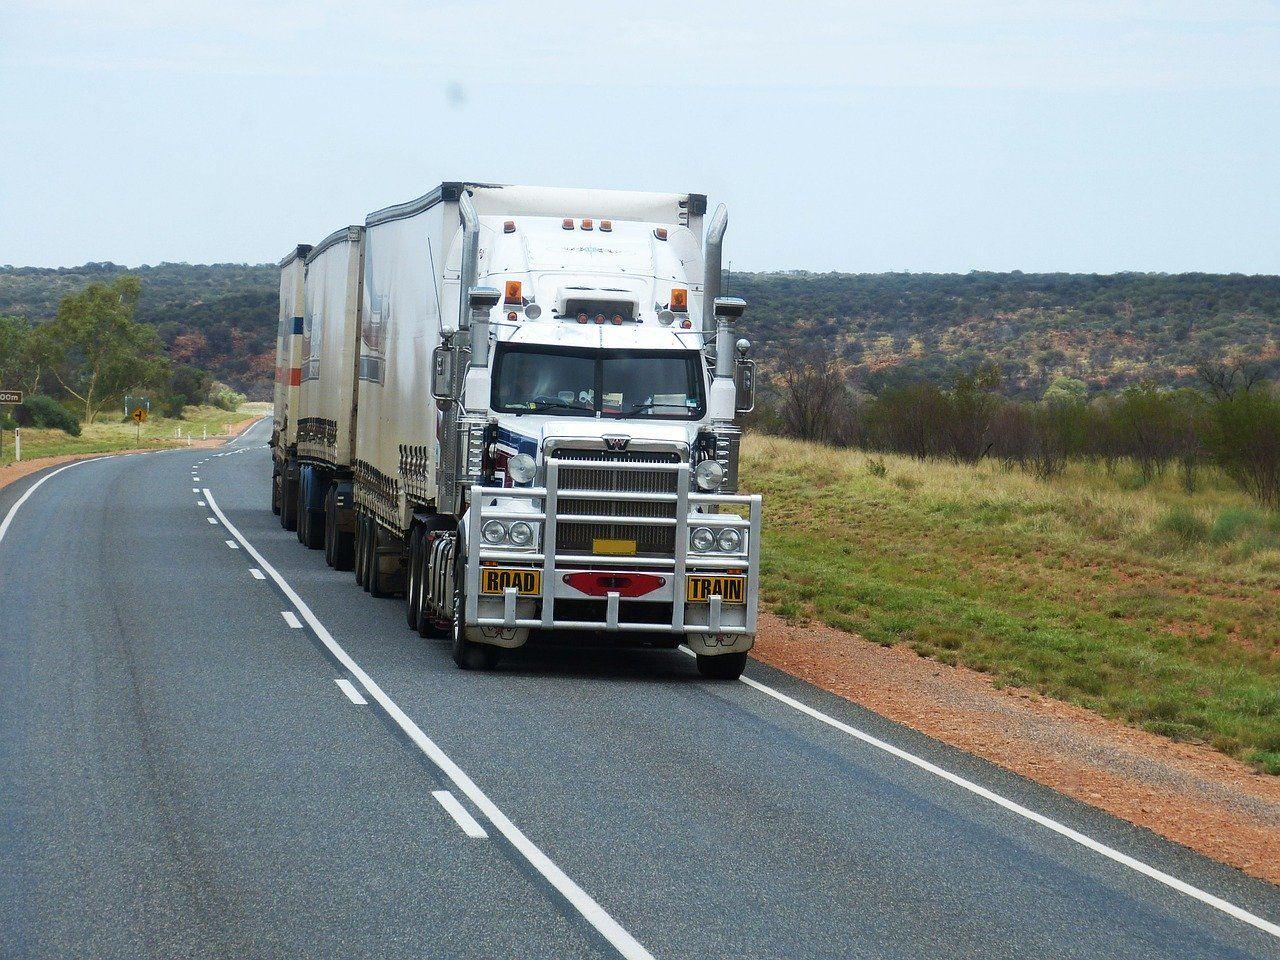 Jak wygląda międzynarodowy transport ponadgabarytowy?